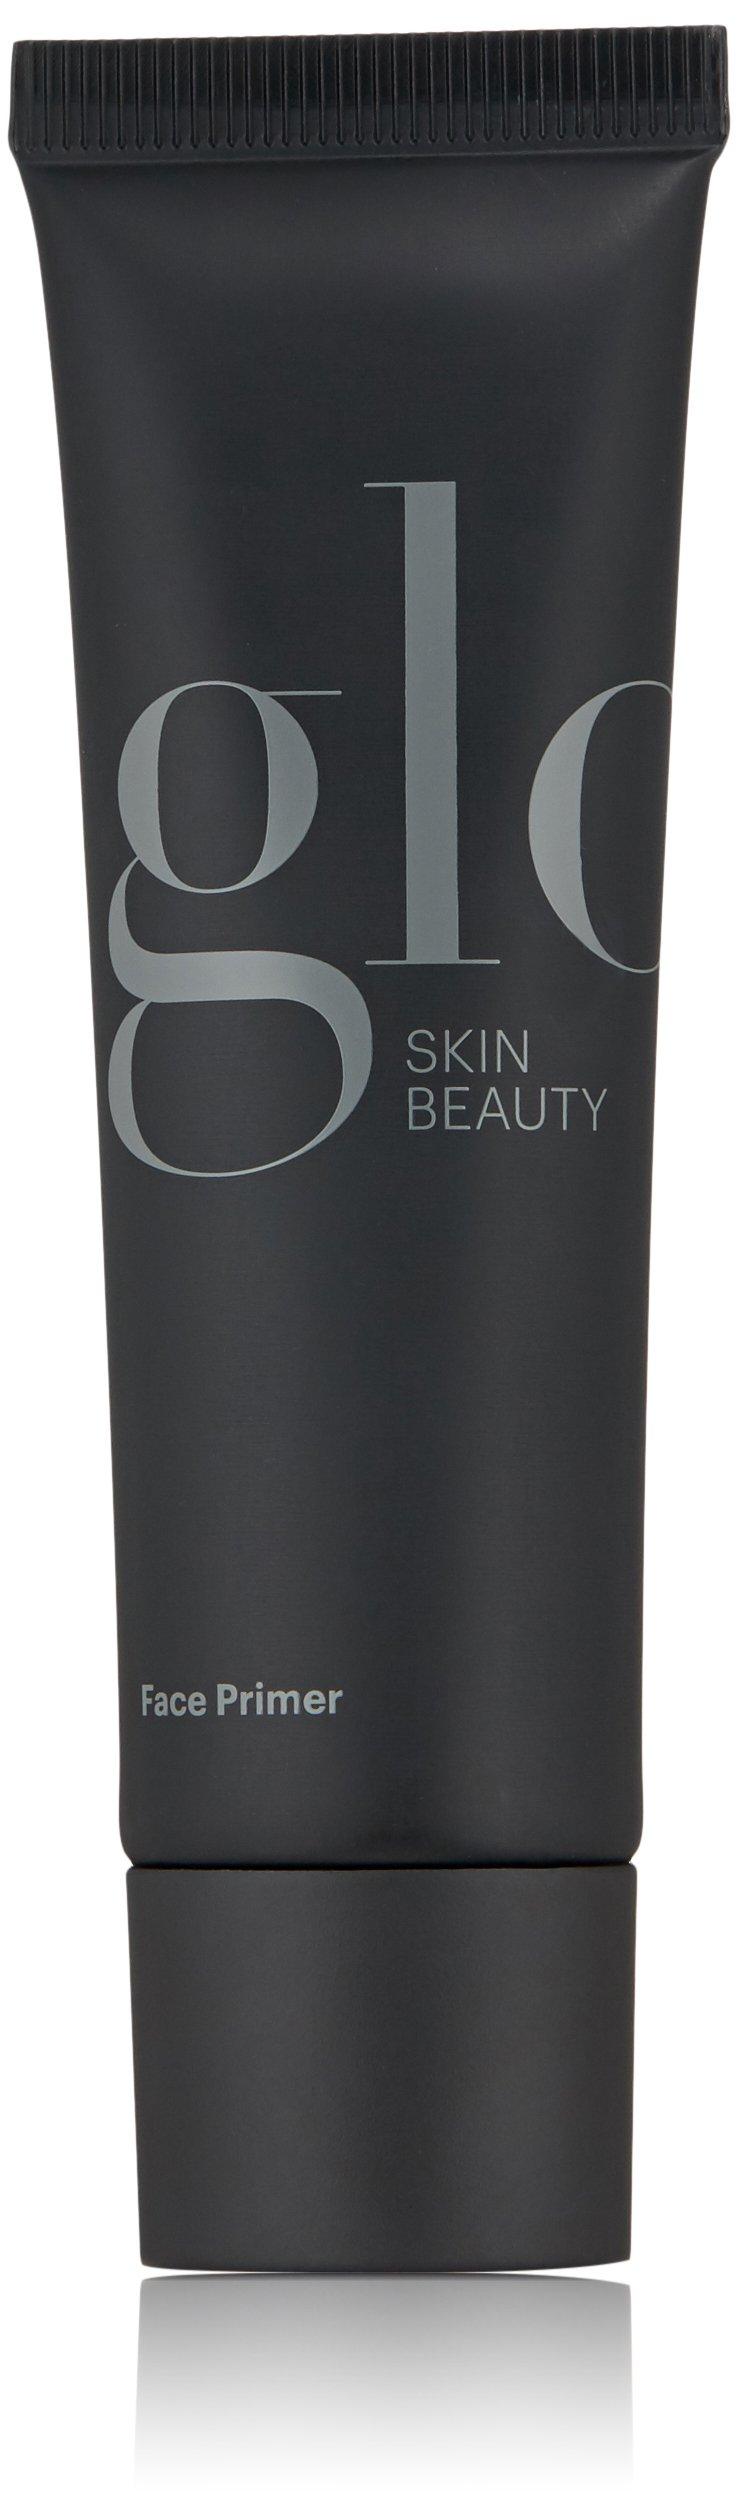 Glo Skin Beauty Face Primer   Makeup Primer for Mineral Makeup   Liquid and Powder Foundation Primer, 1 fl. oz.